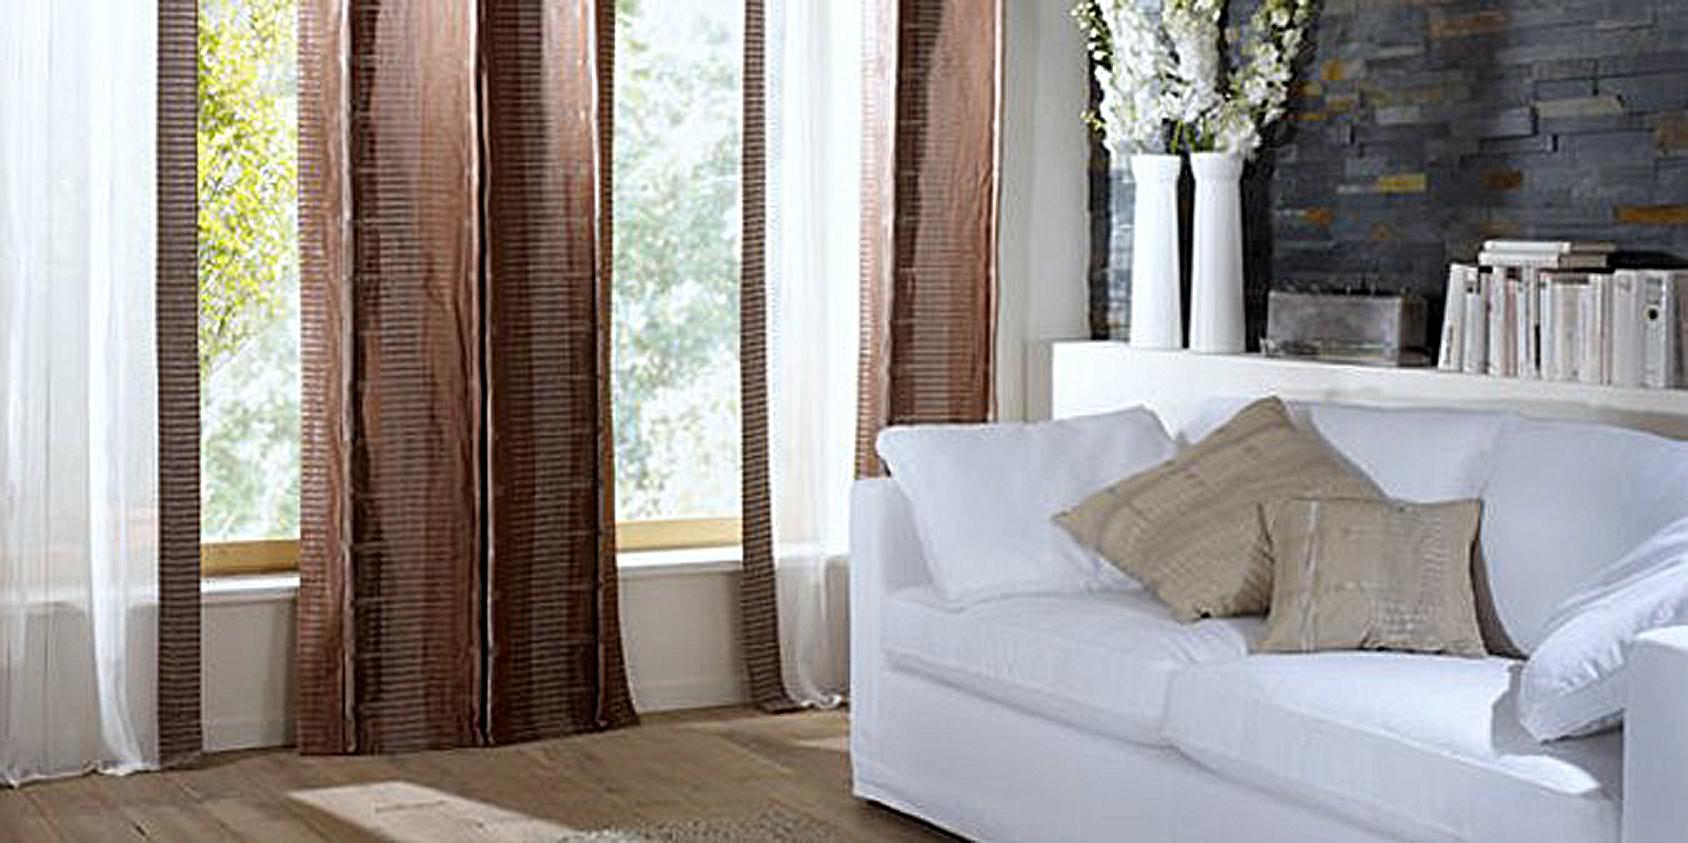 raumausstatter dieckmann gardinen dekoration. Black Bedroom Furniture Sets. Home Design Ideas